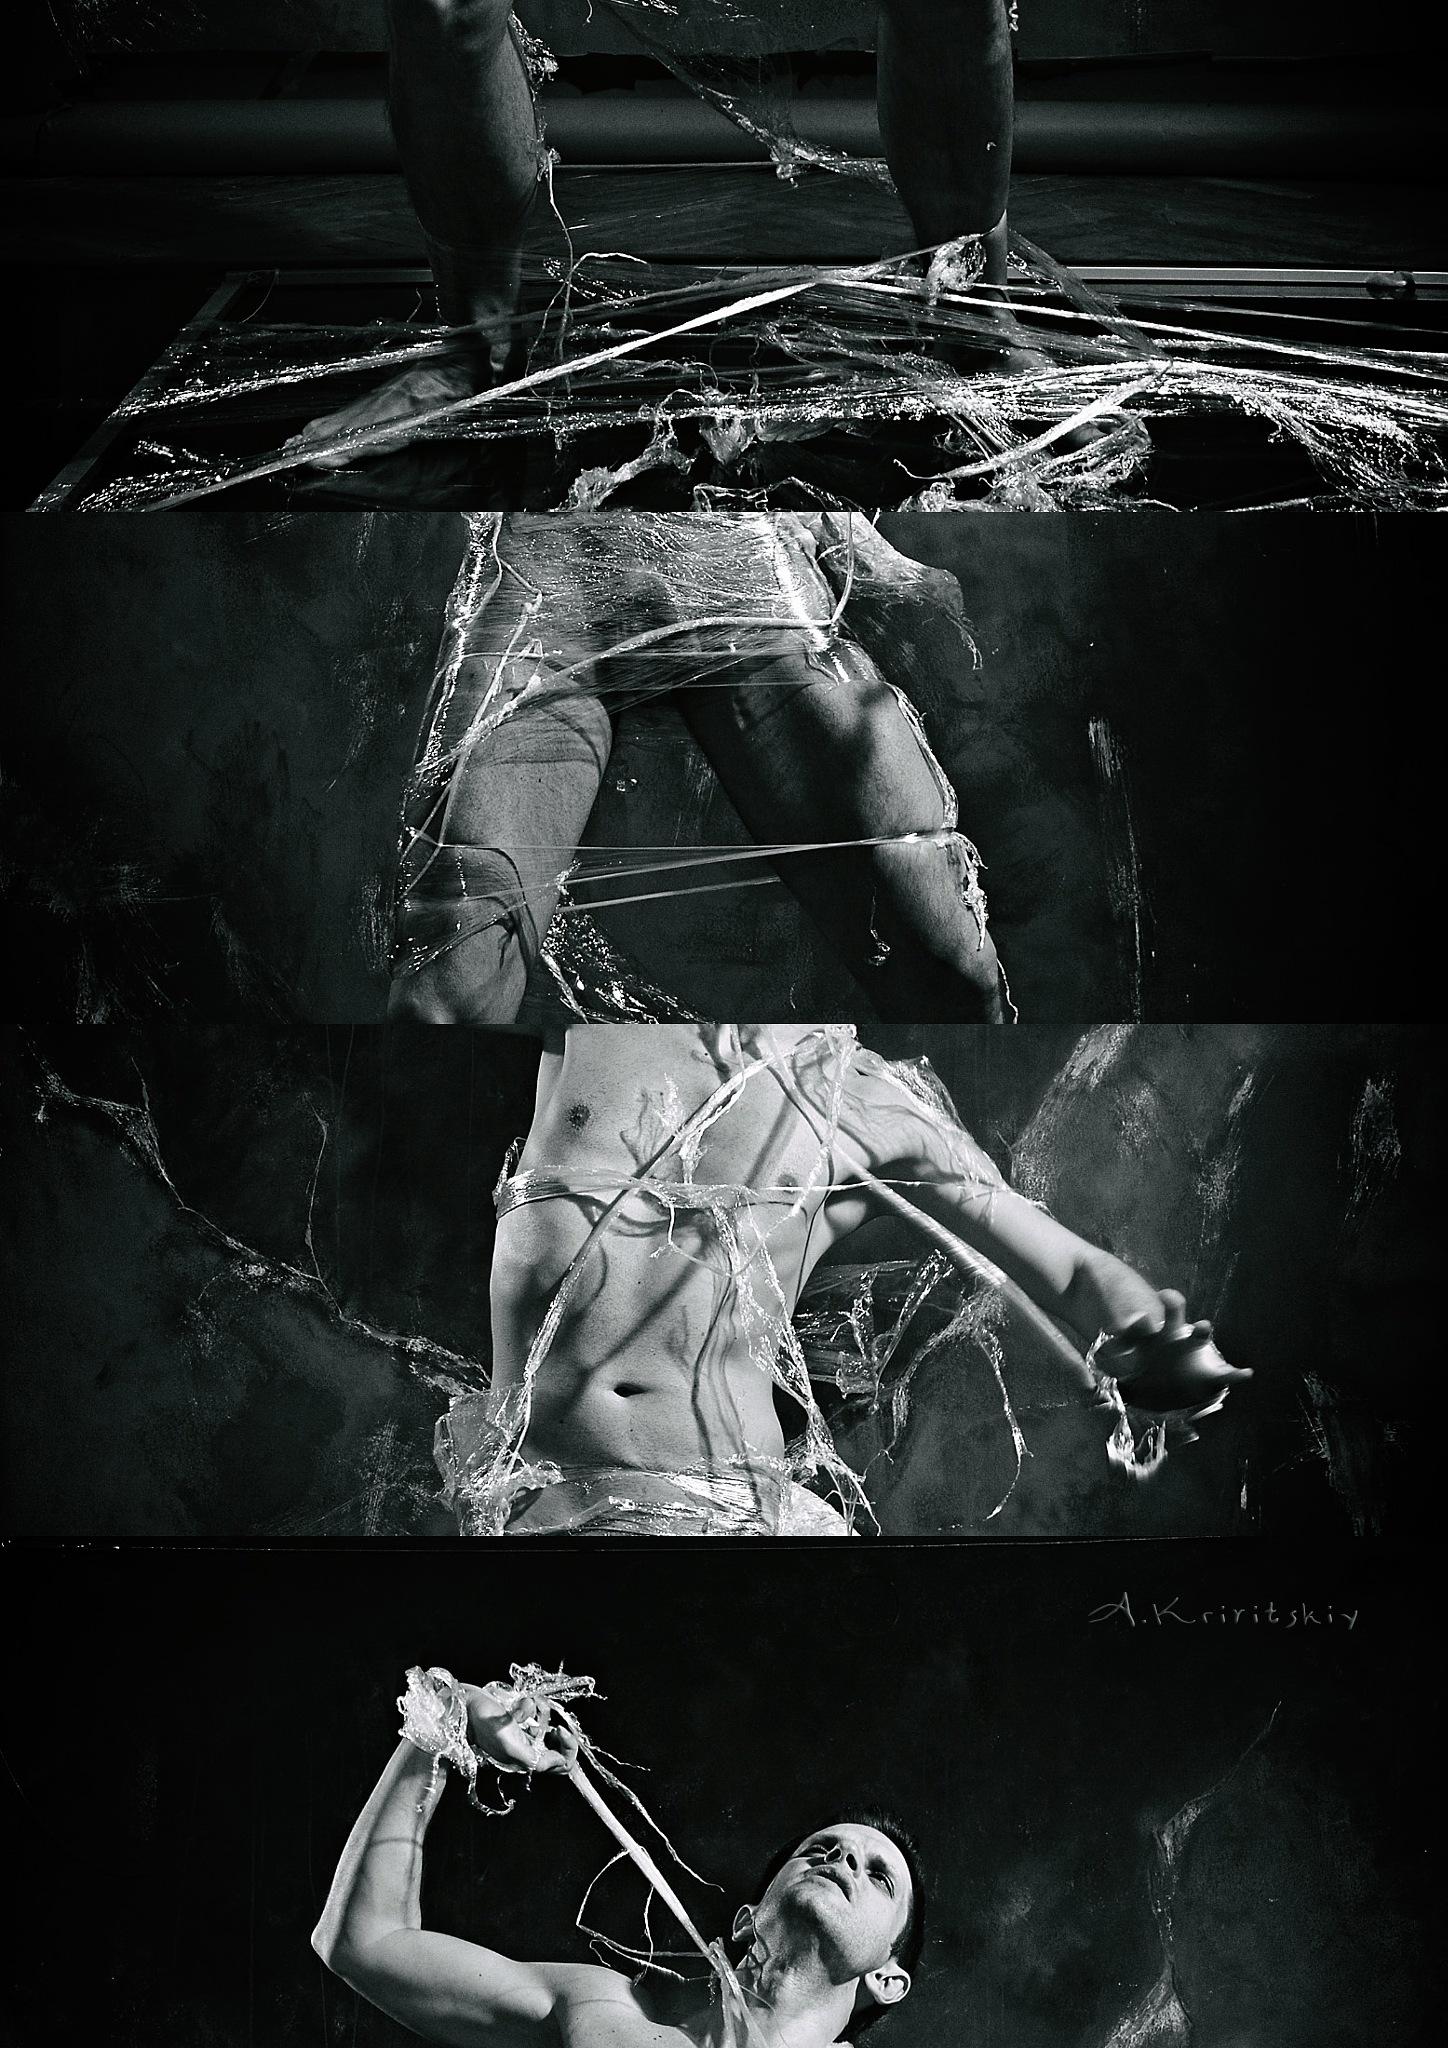 Хаос. (2009 г.). Chaos. (2009). -Любоваться хаосом ввел моду Достоевский - азартный игрок. Одно врем by krivitskiy